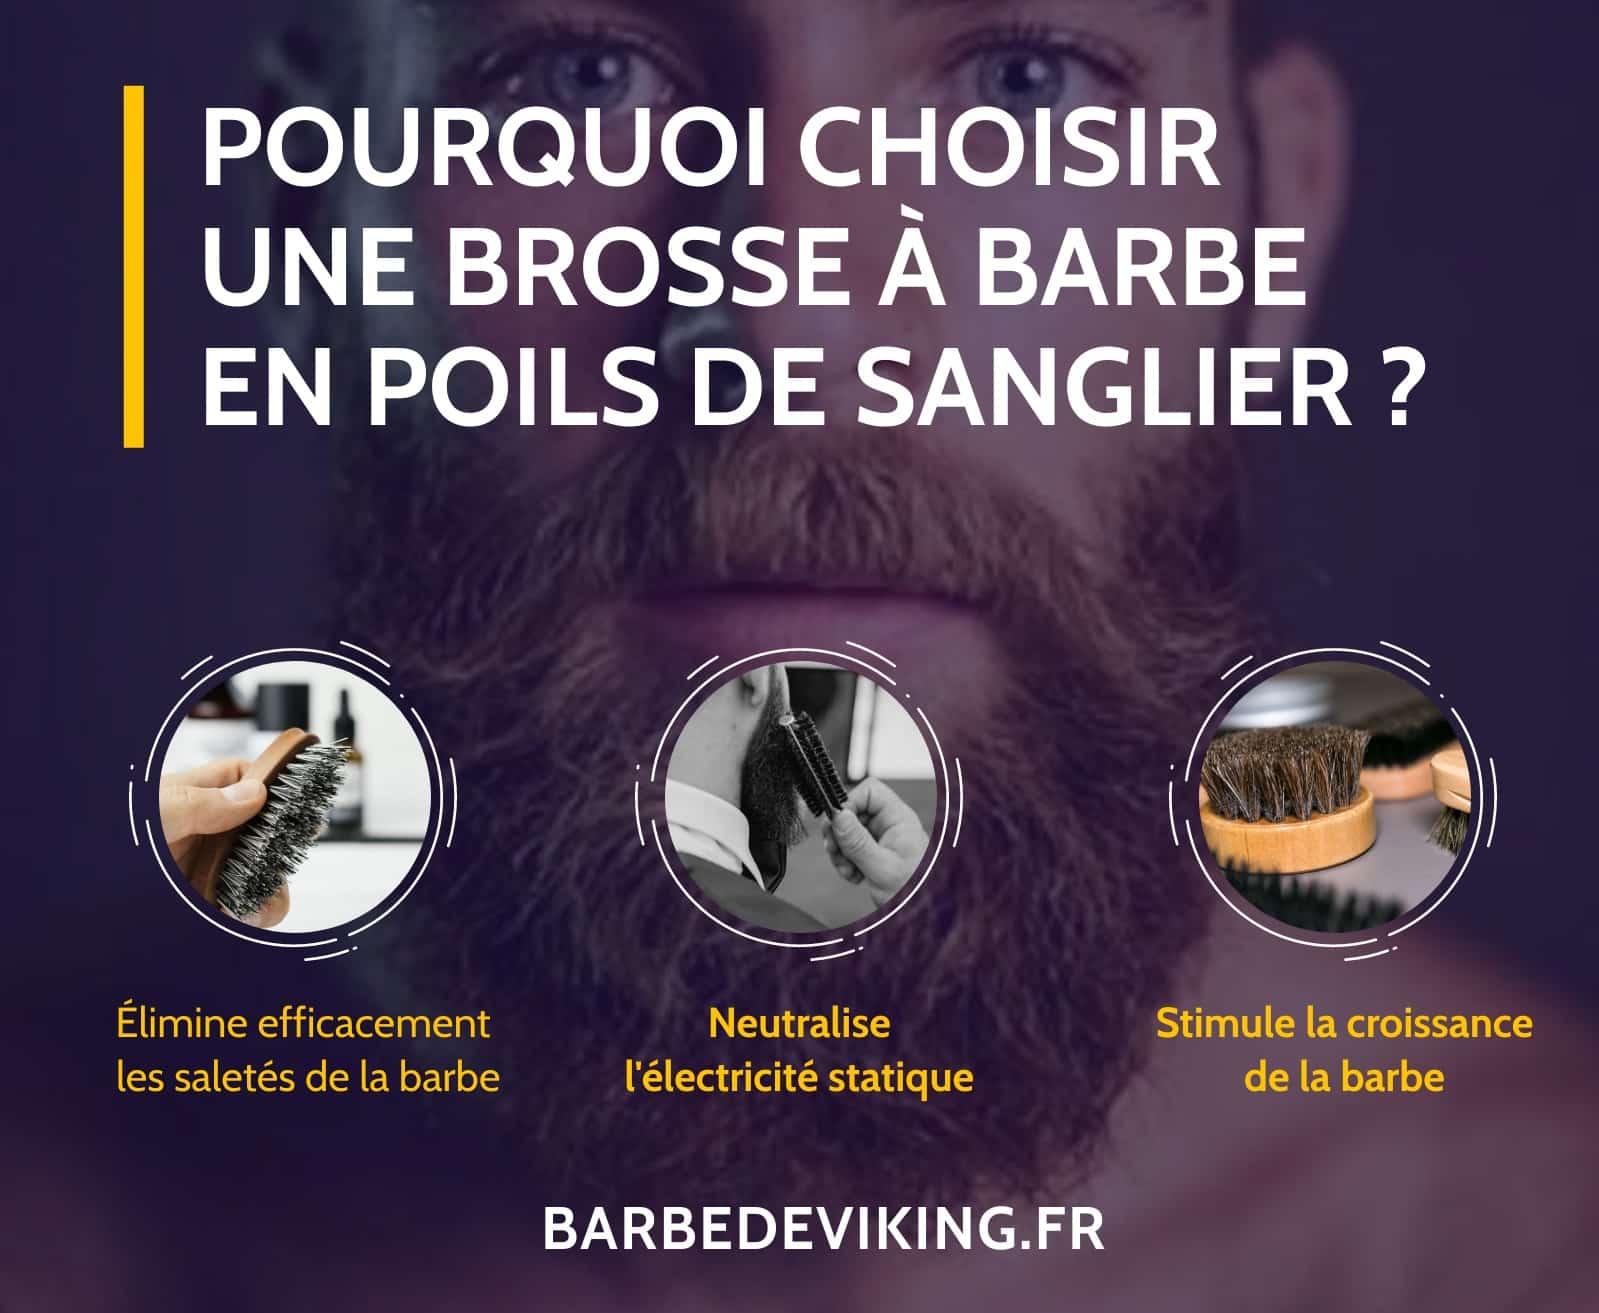 Pourquoi choisir une brosse à barbe en poils de sanglier ?